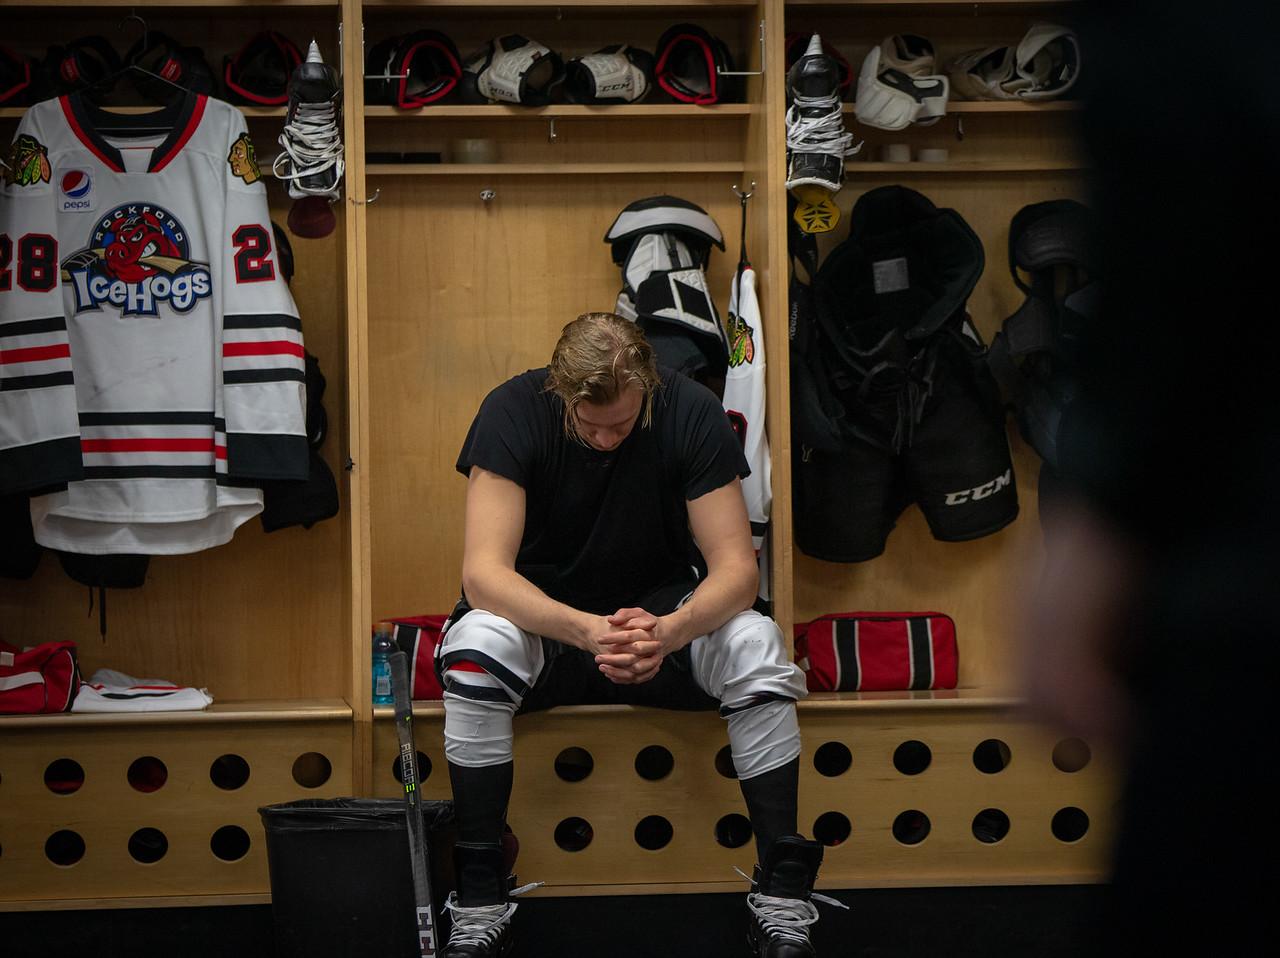 IMAGE: https://photos.smugmug.com/Sports/HockeyPhotos/IceHogs-2018-2019/12-08-18-IceHogs-vs-Wolves/i-sL6HrDn/0/1487e548/X2/CC6Q2855-X2.jpg